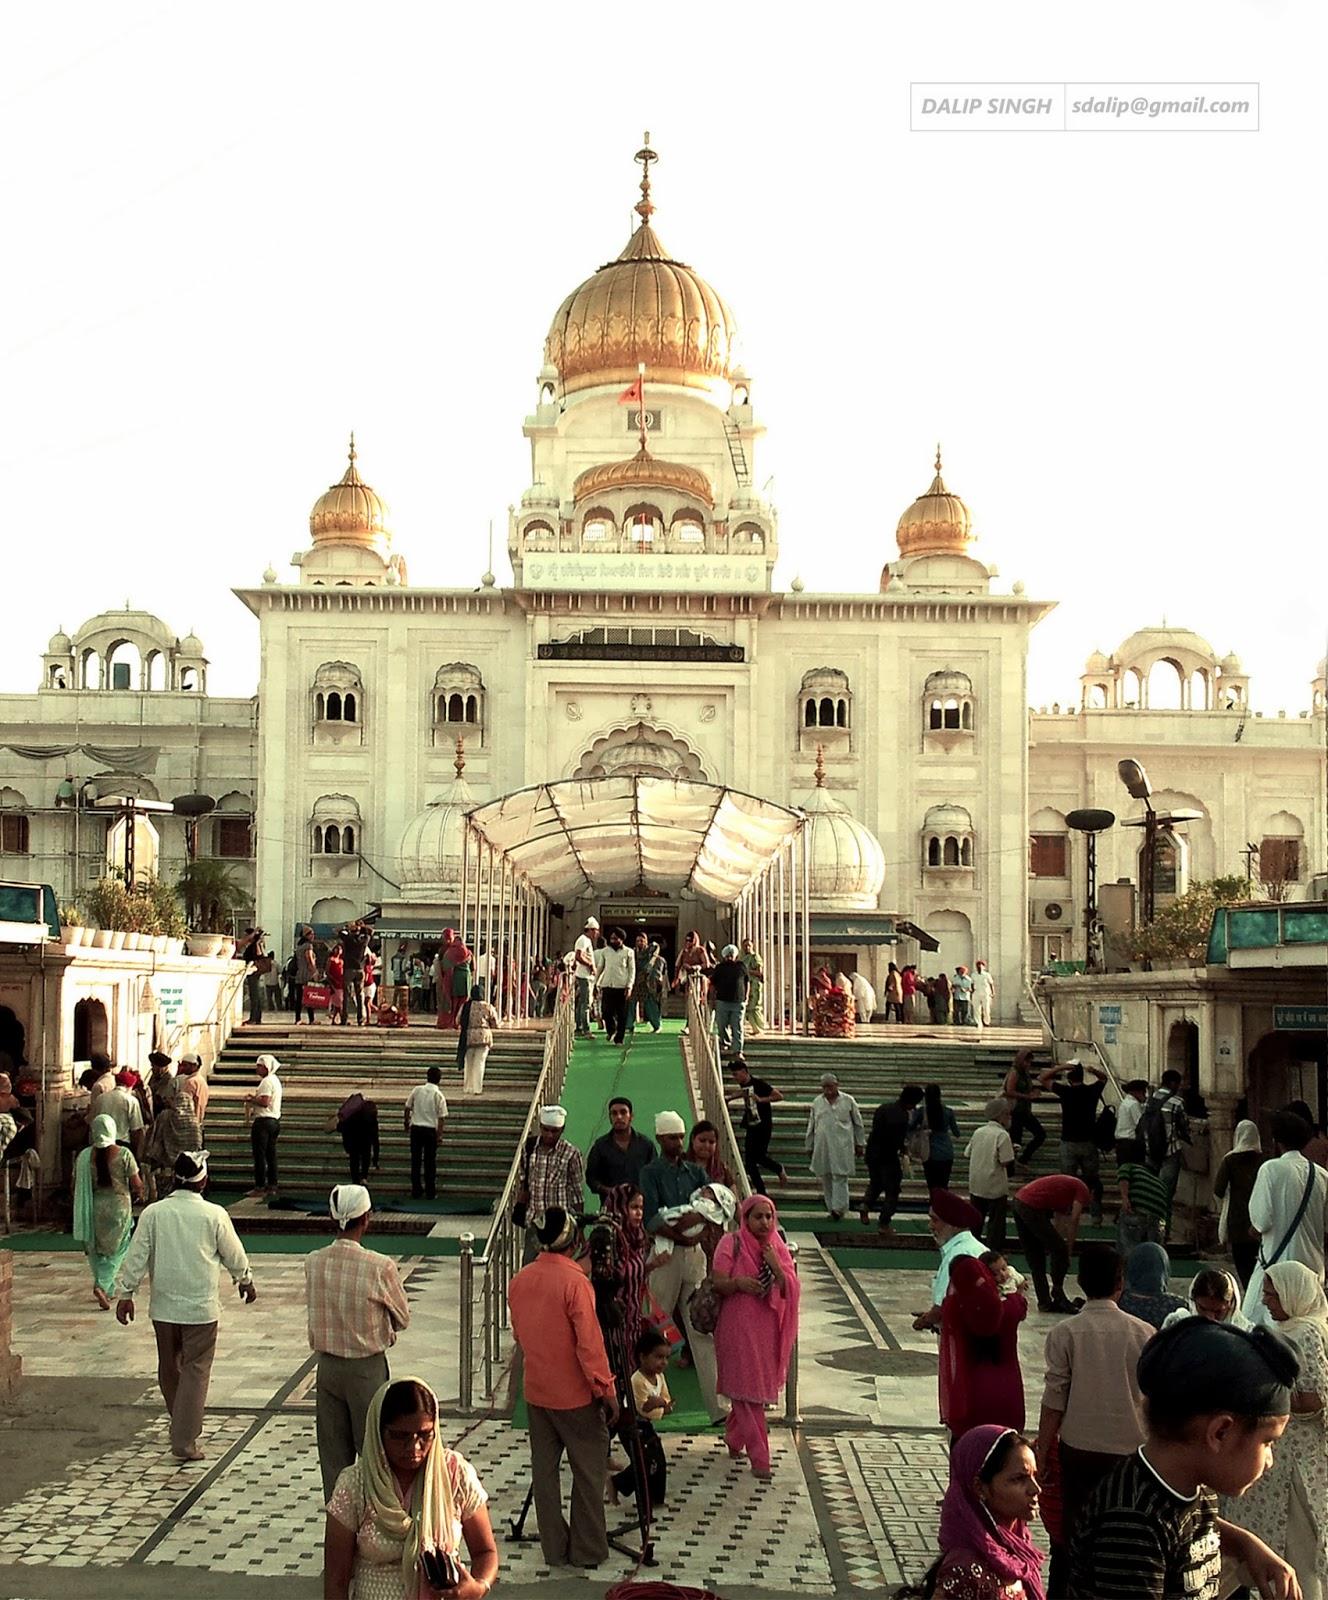 Gurudwara Bangla Sahib, Delhi | GURUDWARAS OF INDIA